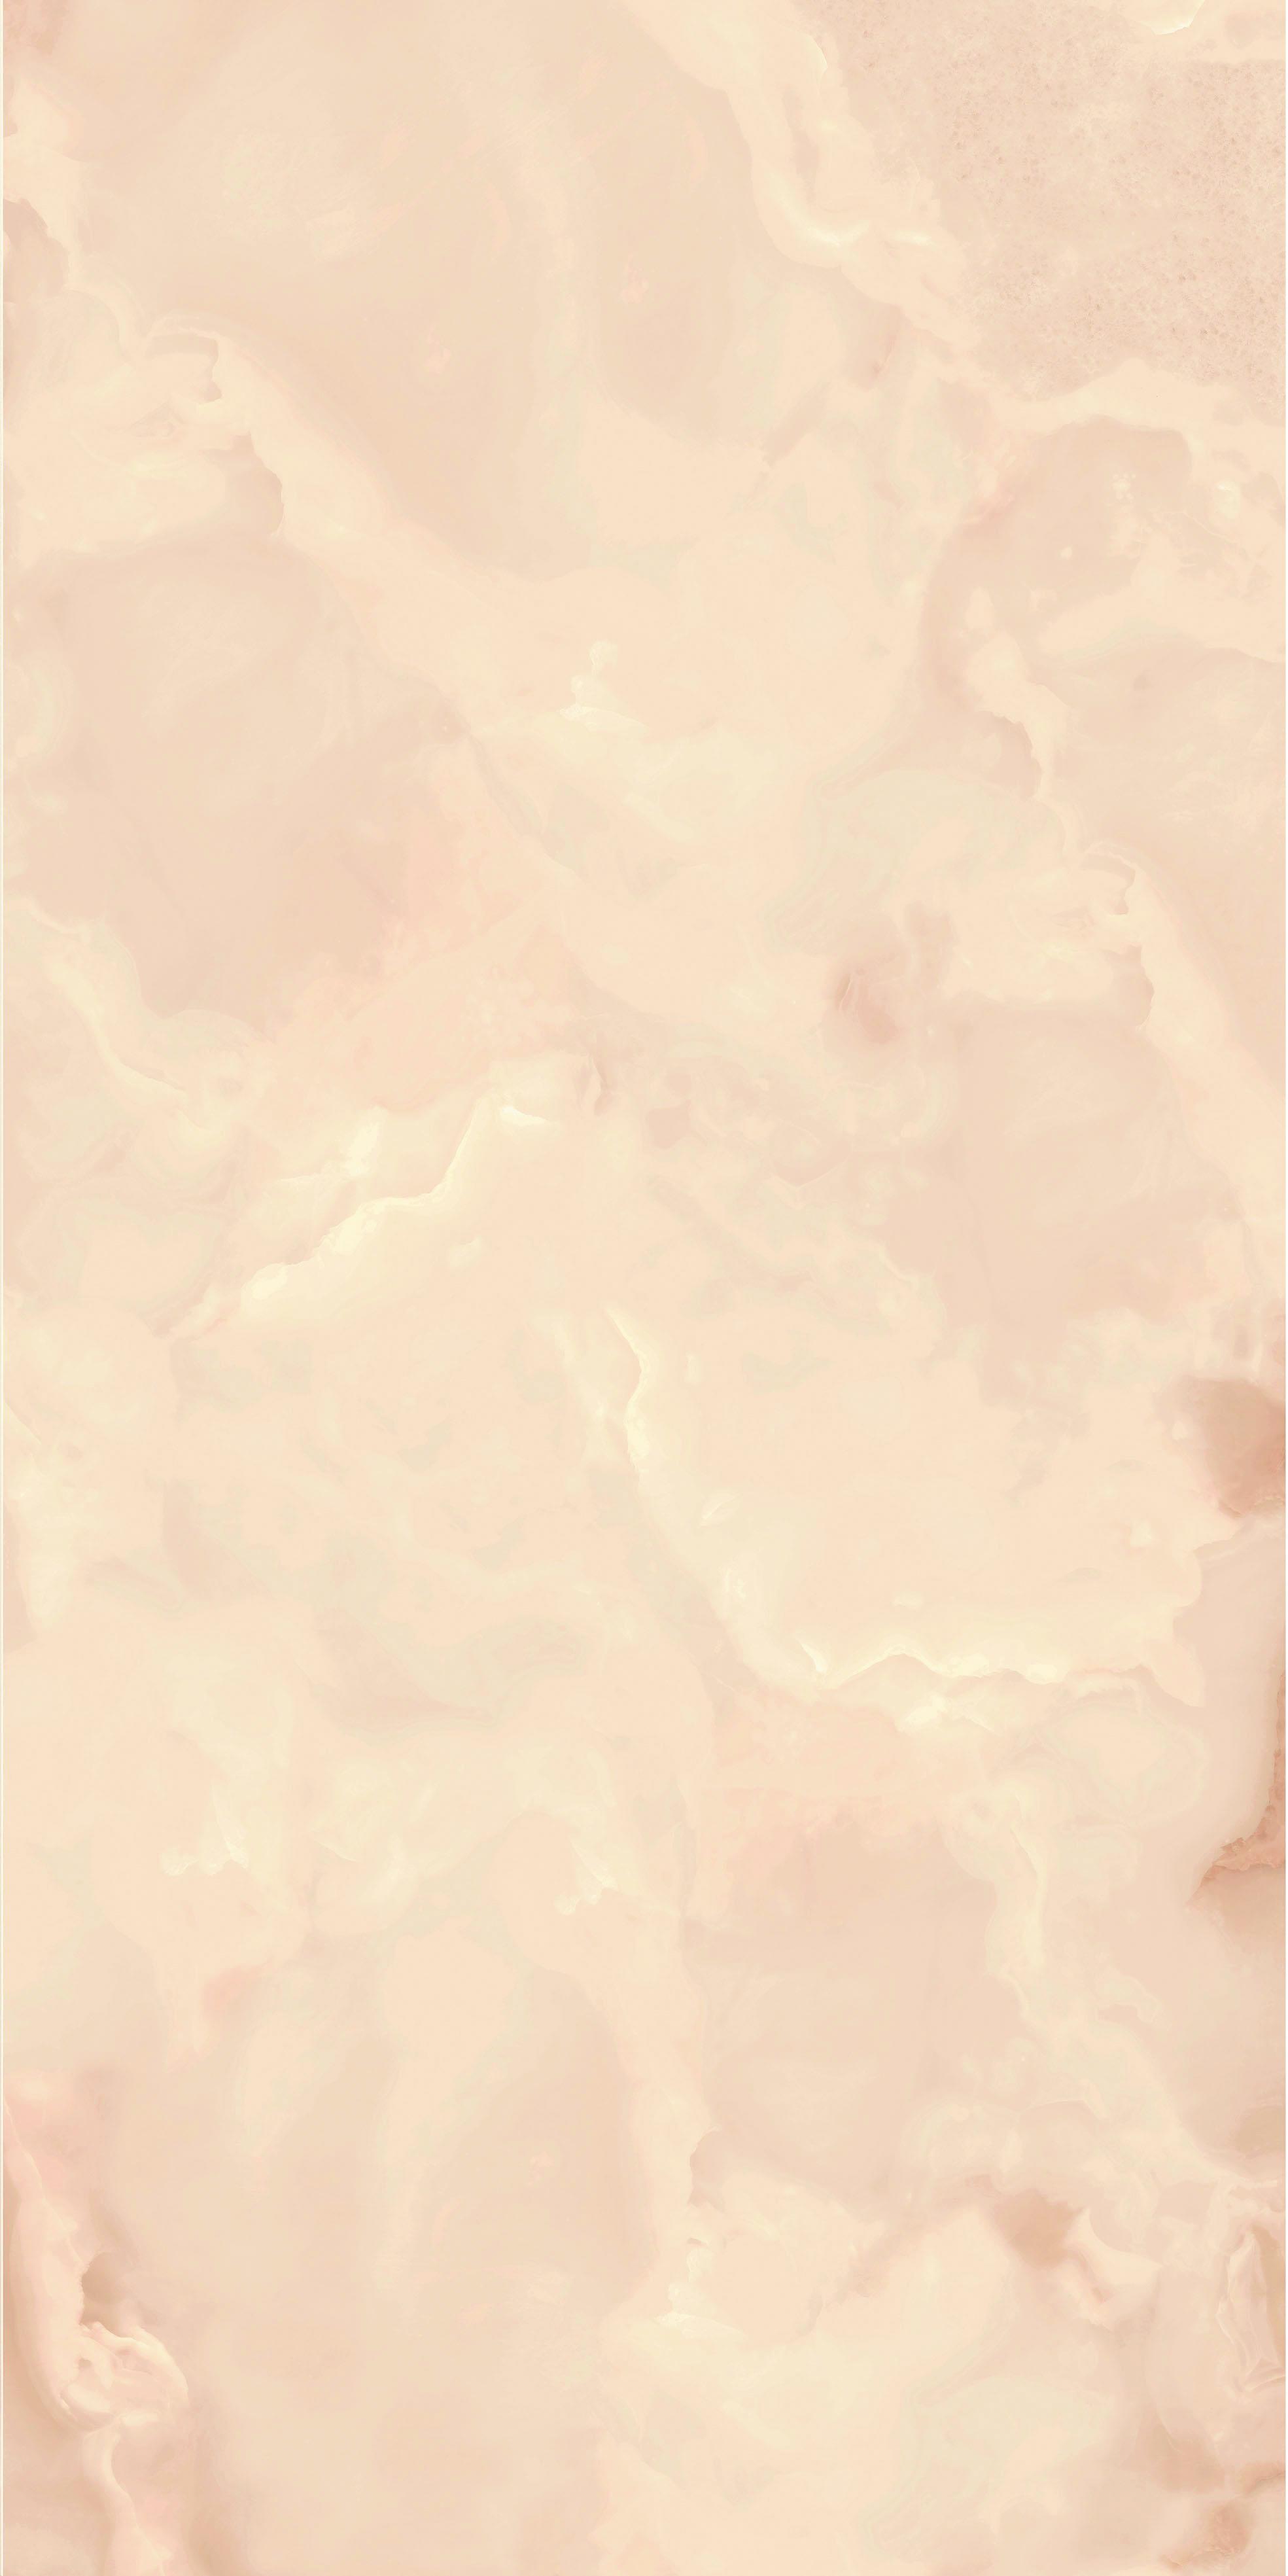 R Marble Letter Poster 5 Sizes: PE MARBLE VENETO BG POL 90X180 R